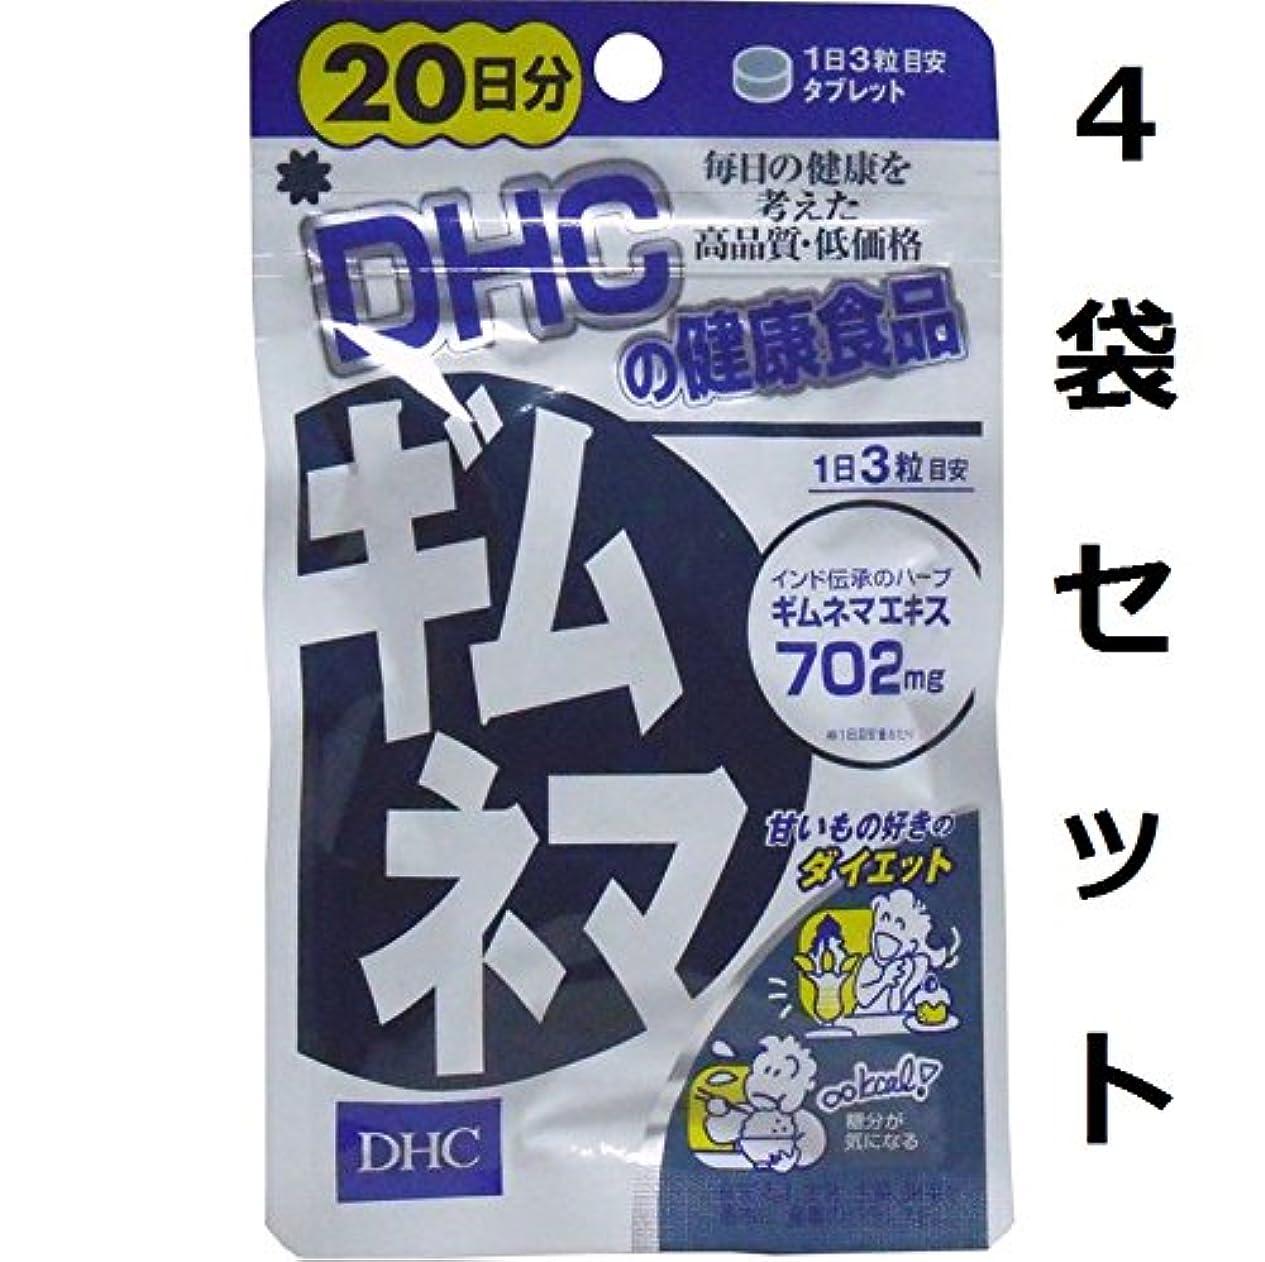 政令好き支払い余分な糖分をブロック DHC ギムネマ 20日分 60粒 4袋セット